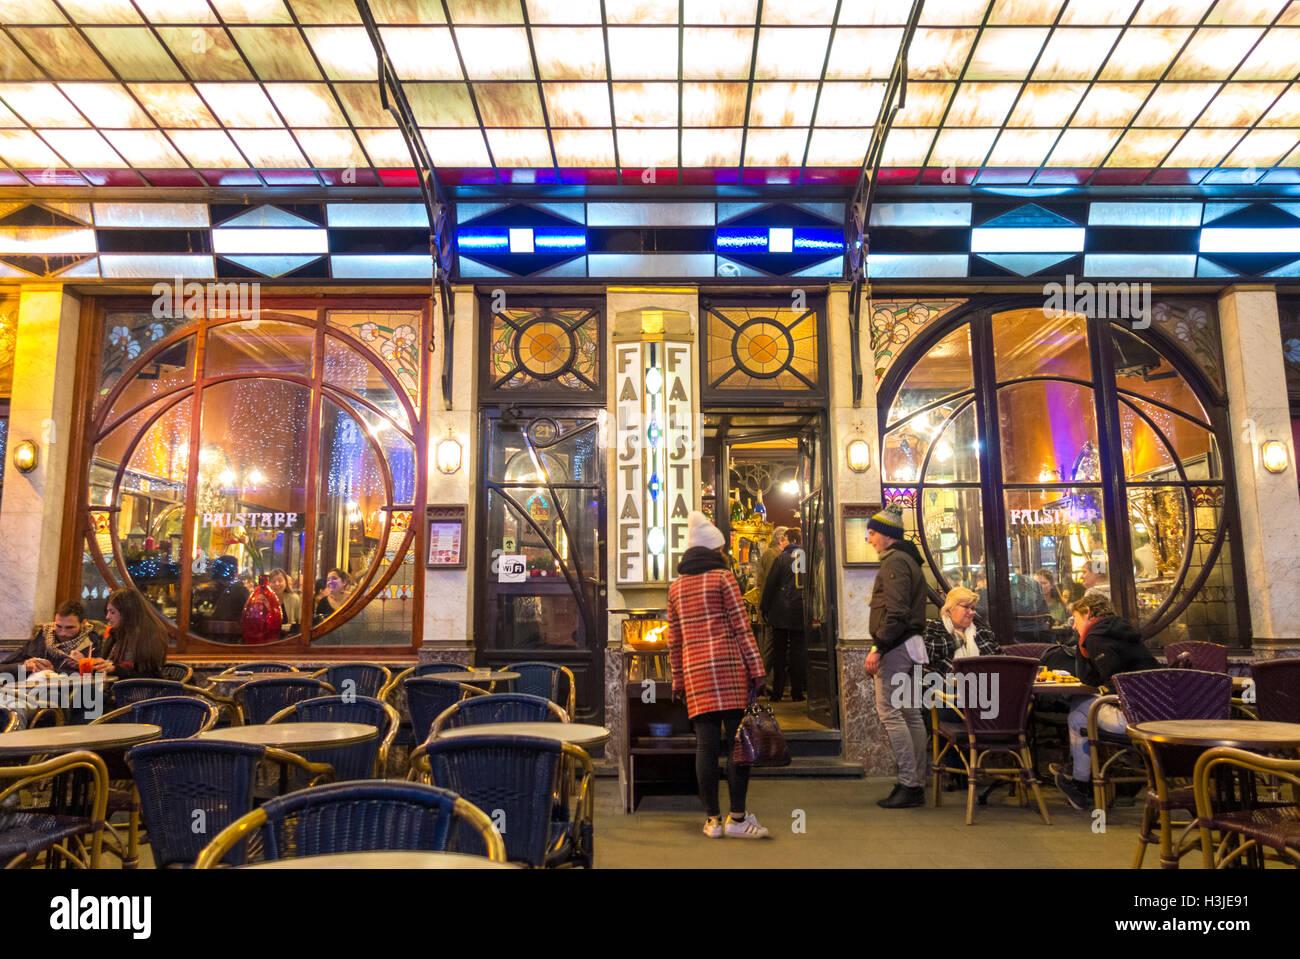 Brüssel restaurant le falstaff café bar pub. berühmte beliebte pub